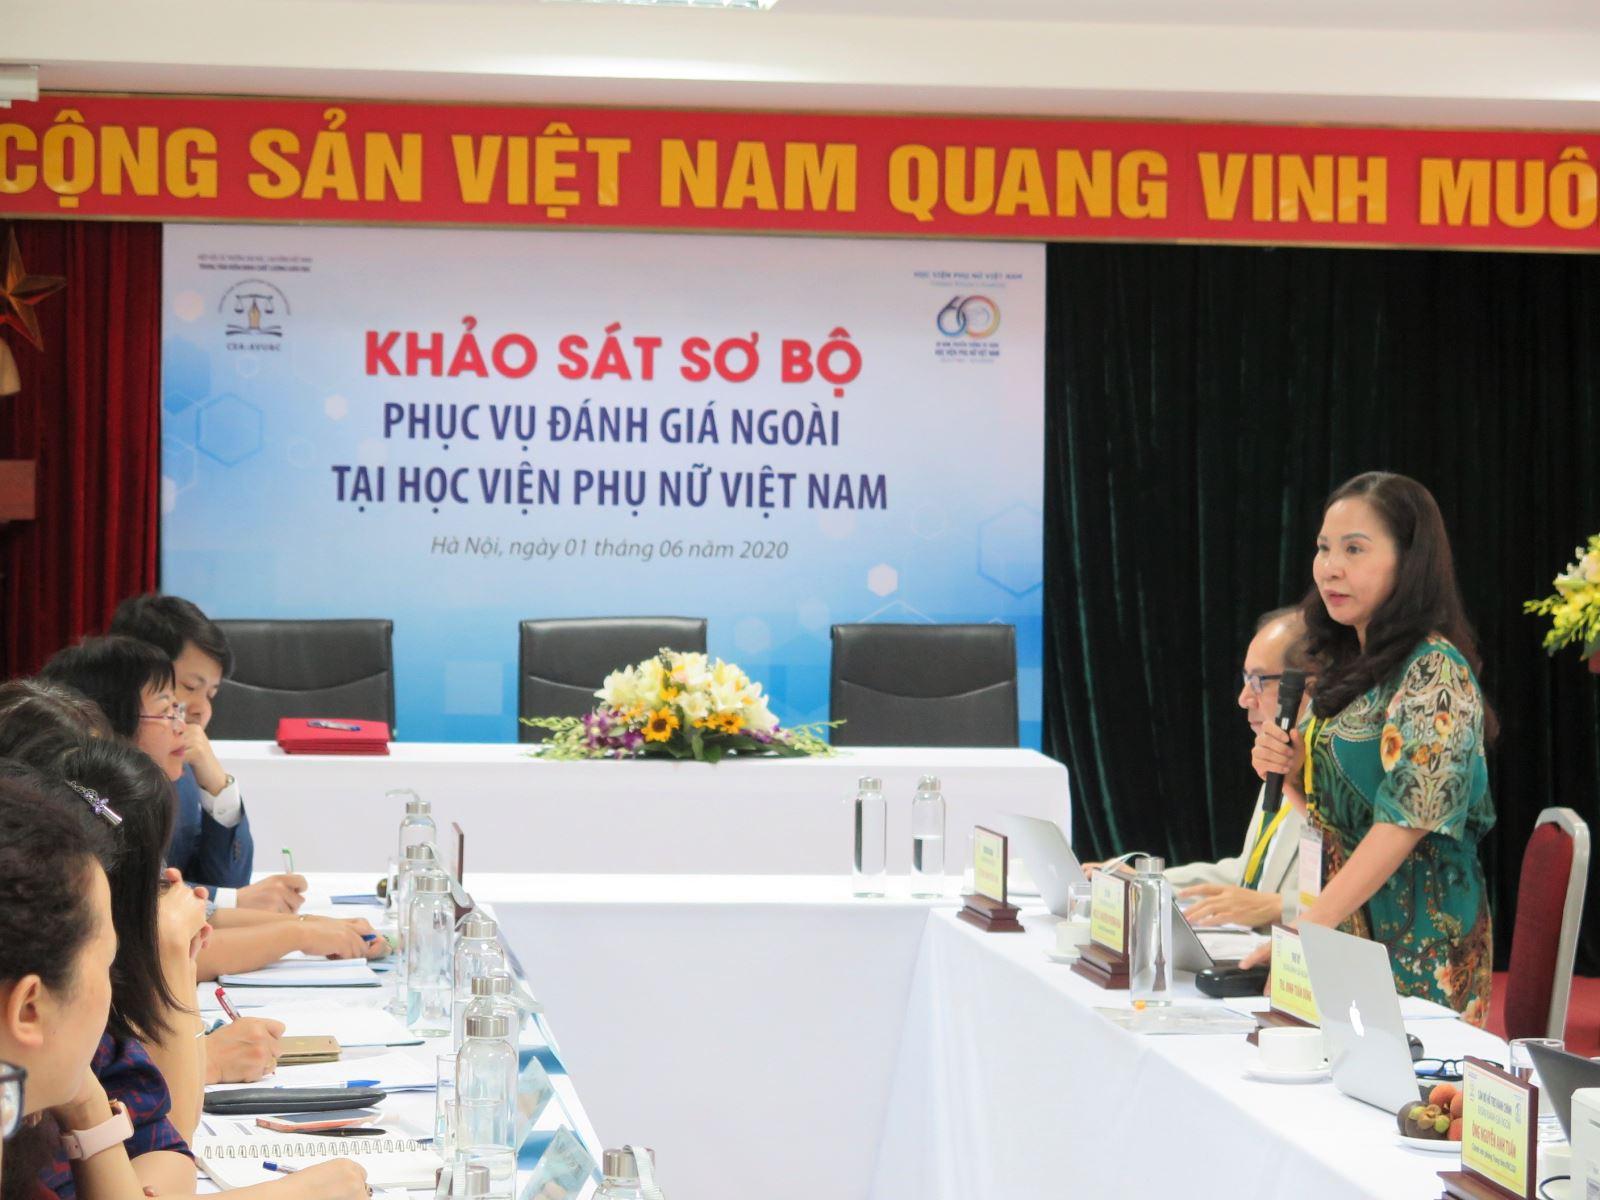 Công tác chuẩn bị hồ sơ phục vụ đánh giá ngoài tại Học viện Phụ nữ Việt Nam